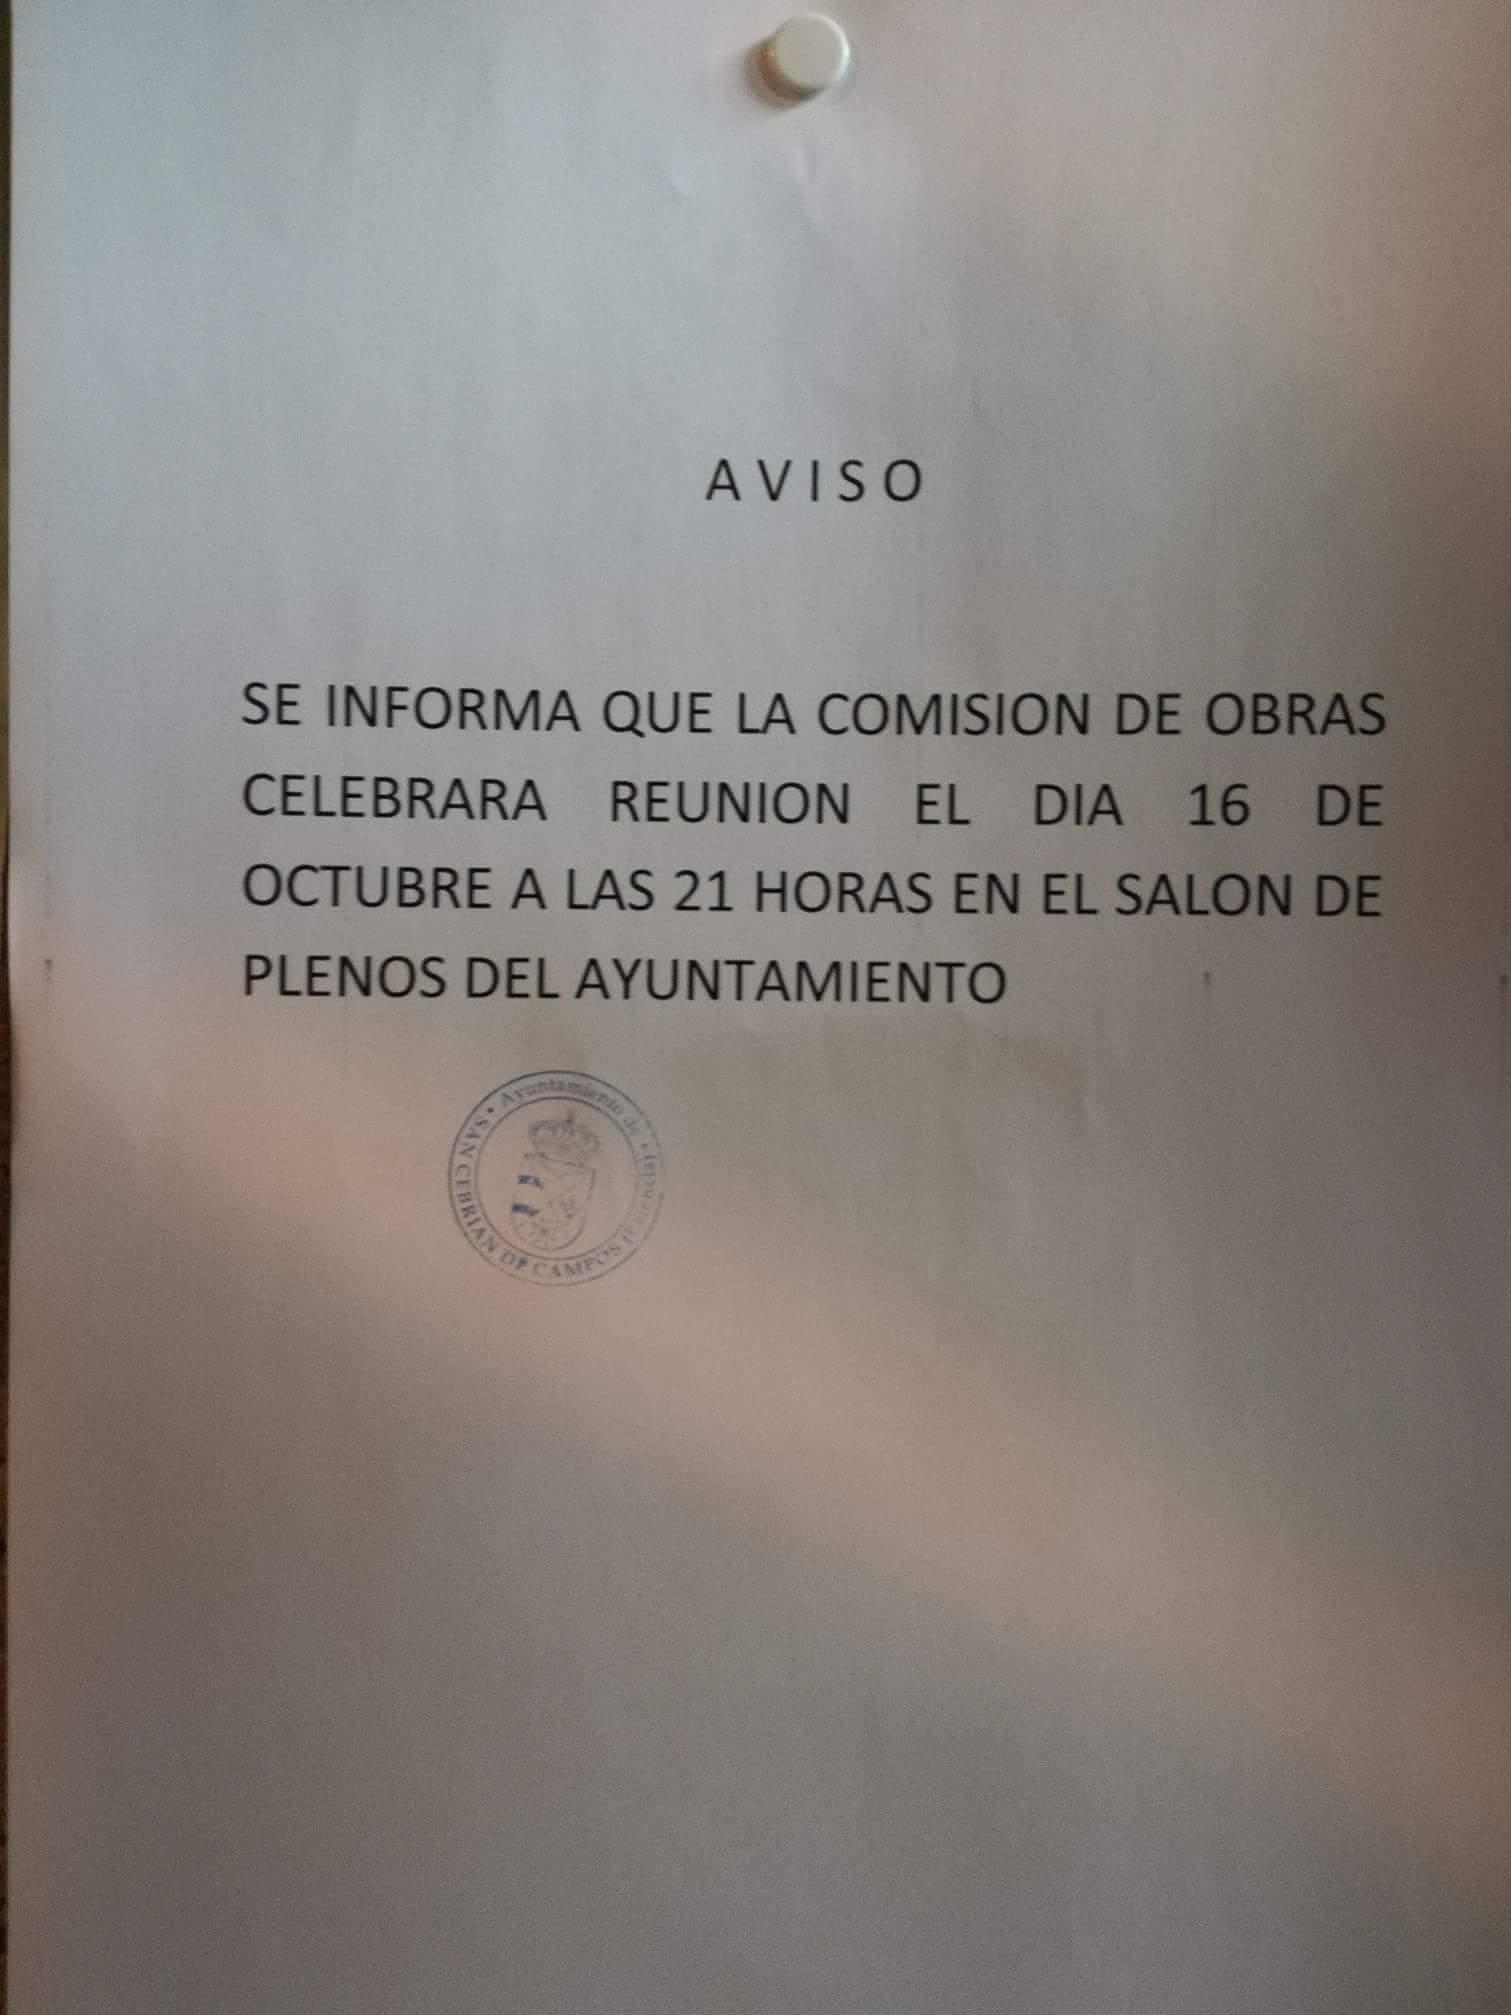 Comisión de Obras 16 de Octubre, 21:00h